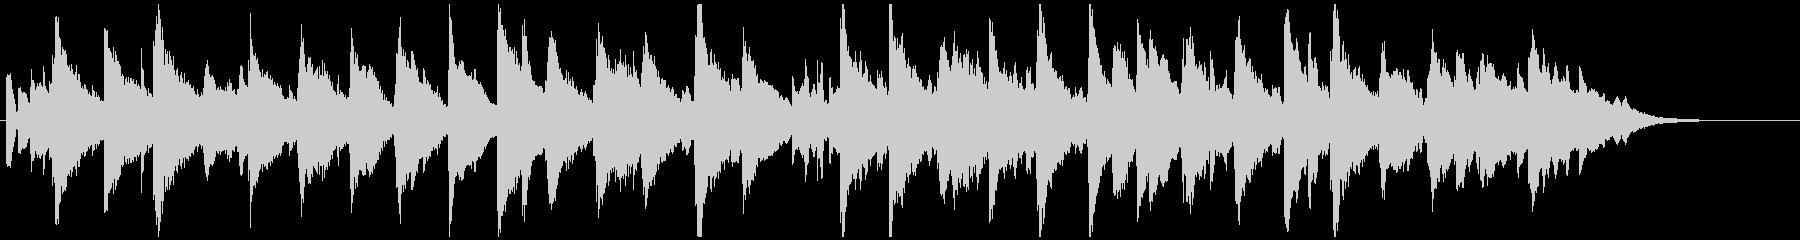 シンセによるシンプルなBGMの未再生の波形